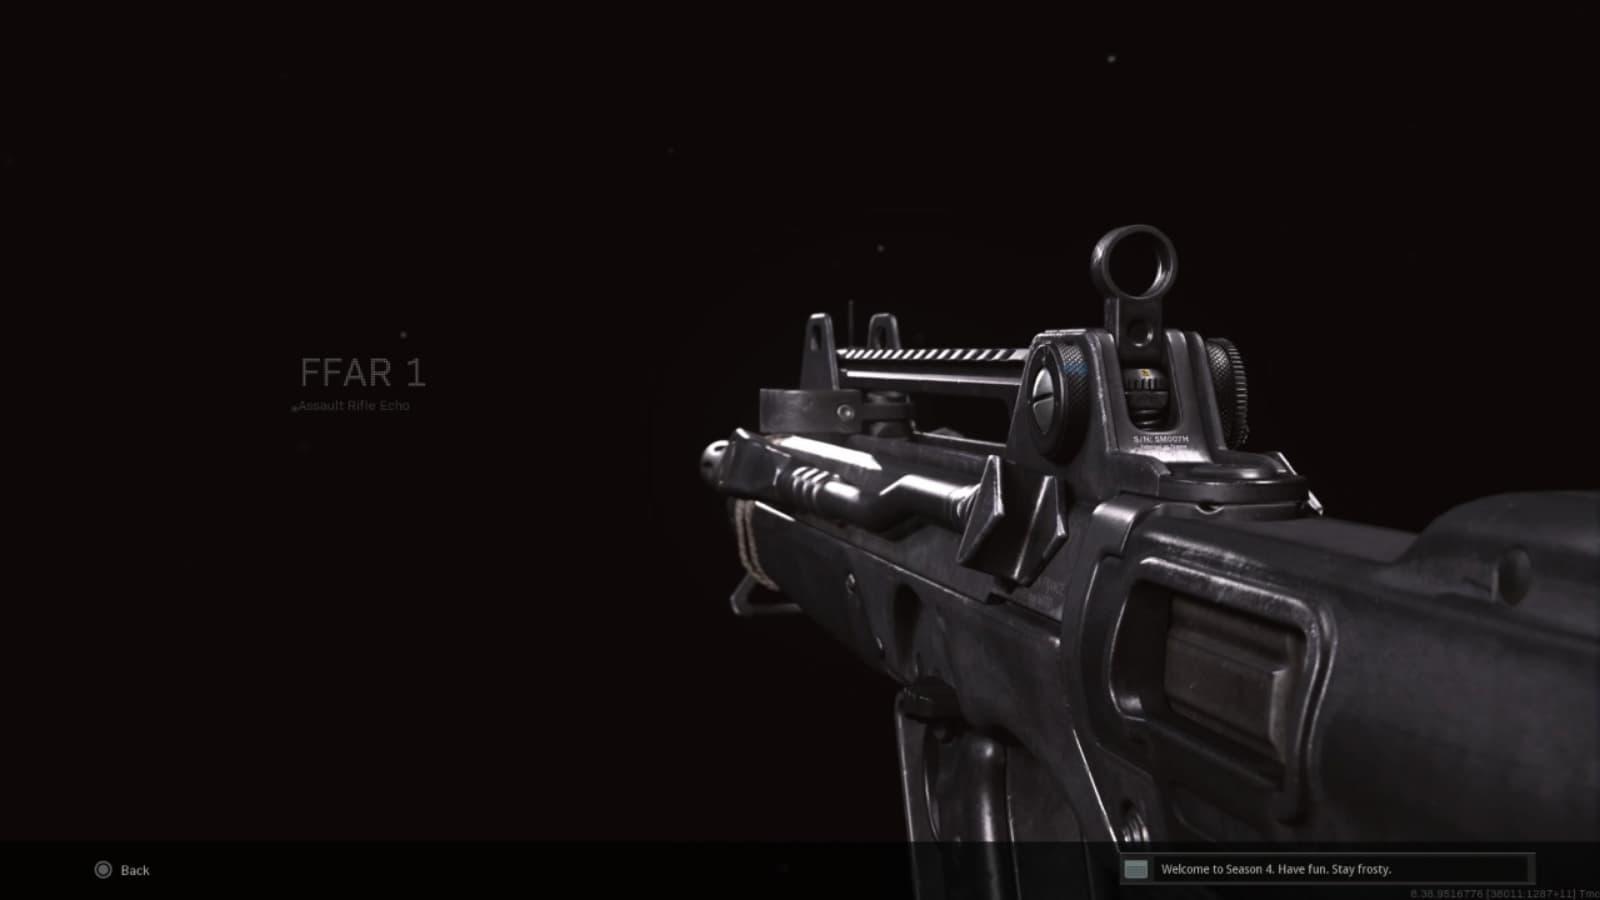 Das beste FFAR 1 Warzone Loadout mit Details